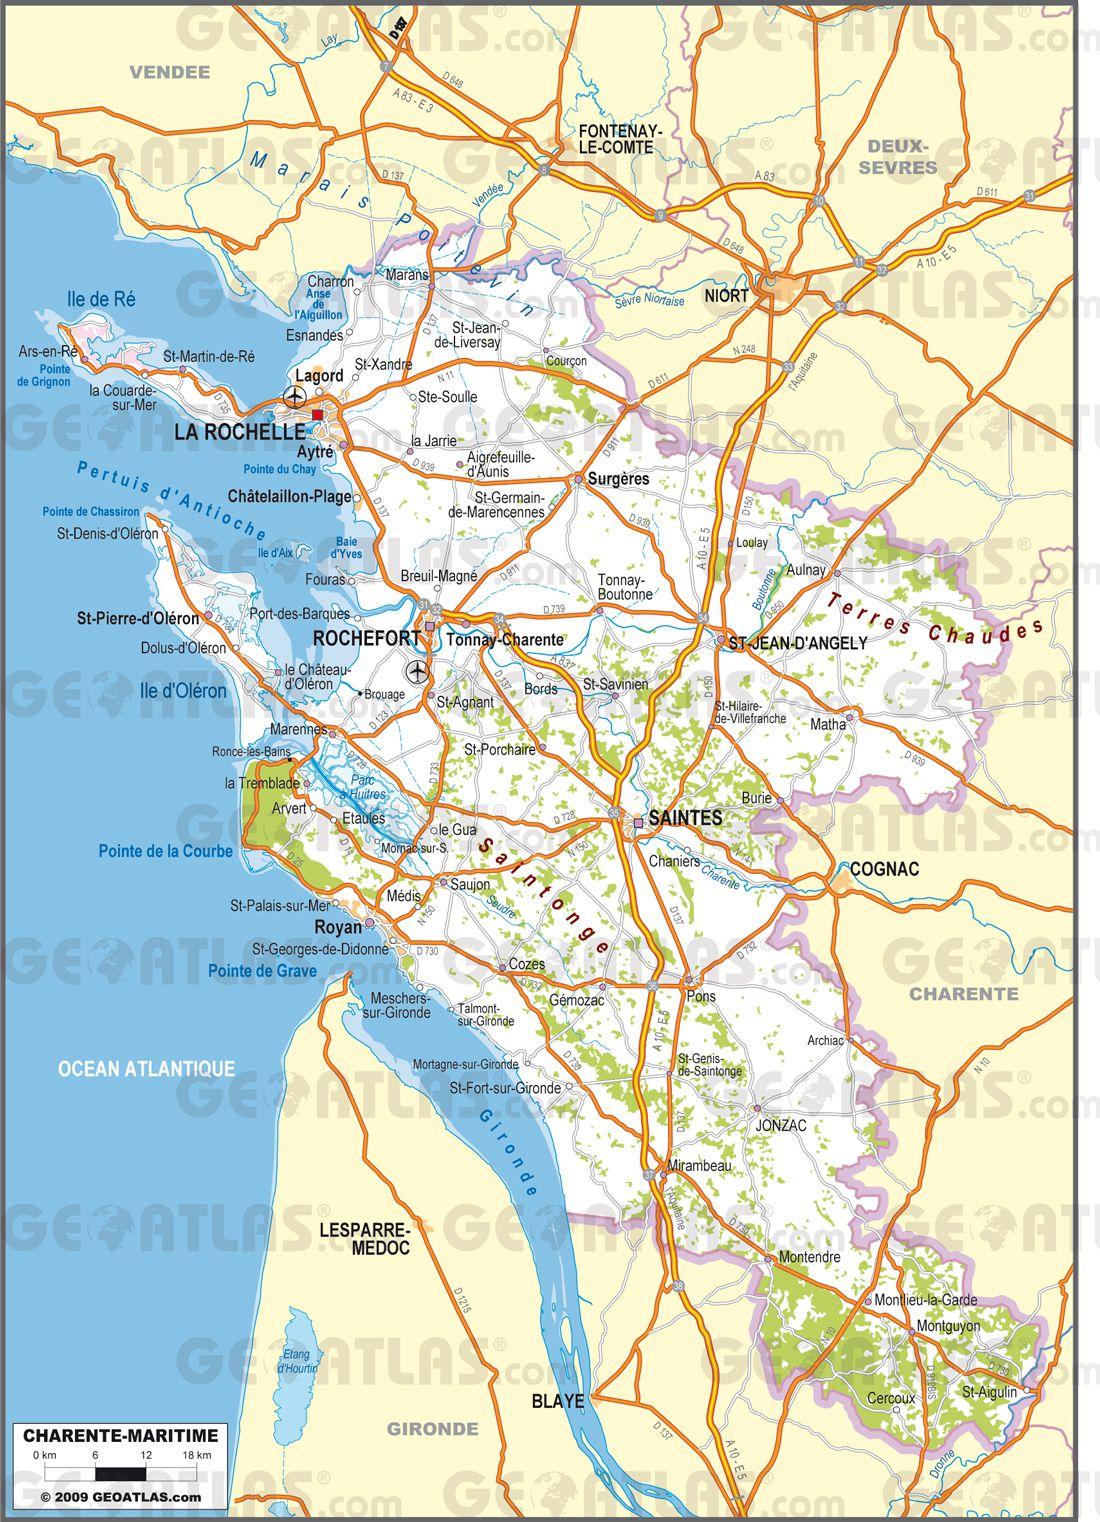 Carte Géographique Charente Maritime Détaillée | tonaartsenfotografie